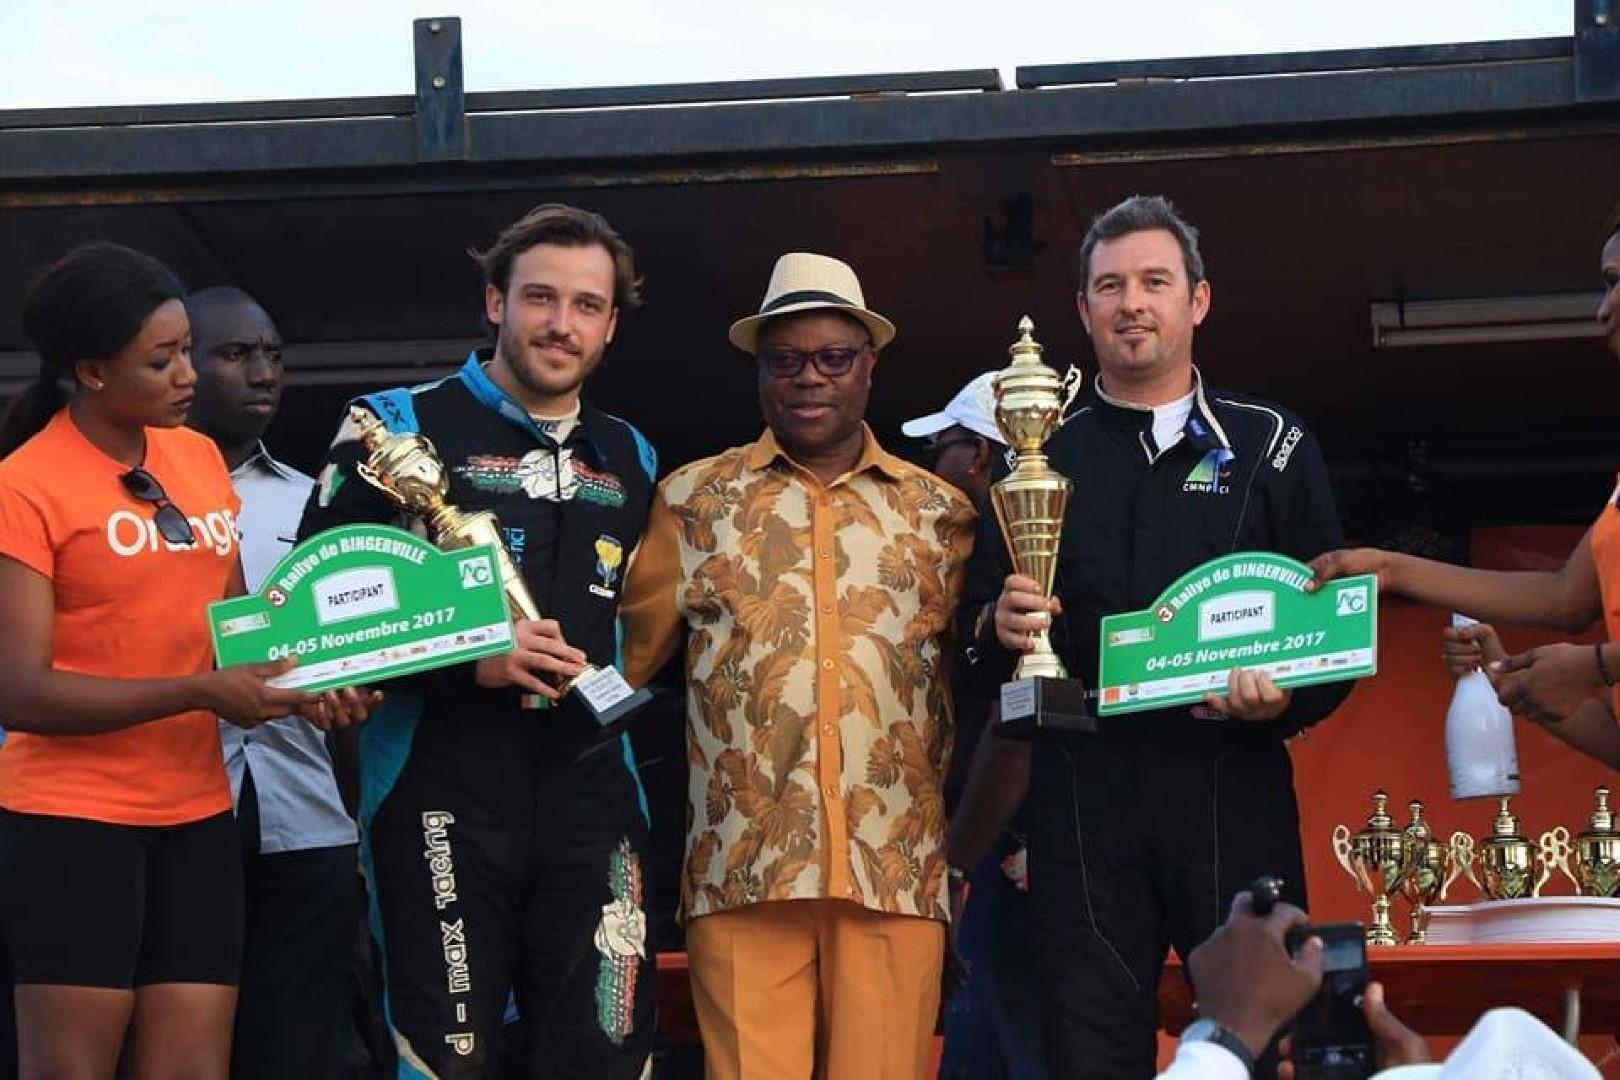 Rallye de Bingerville 2017 : Victoire de Gary Chaynes